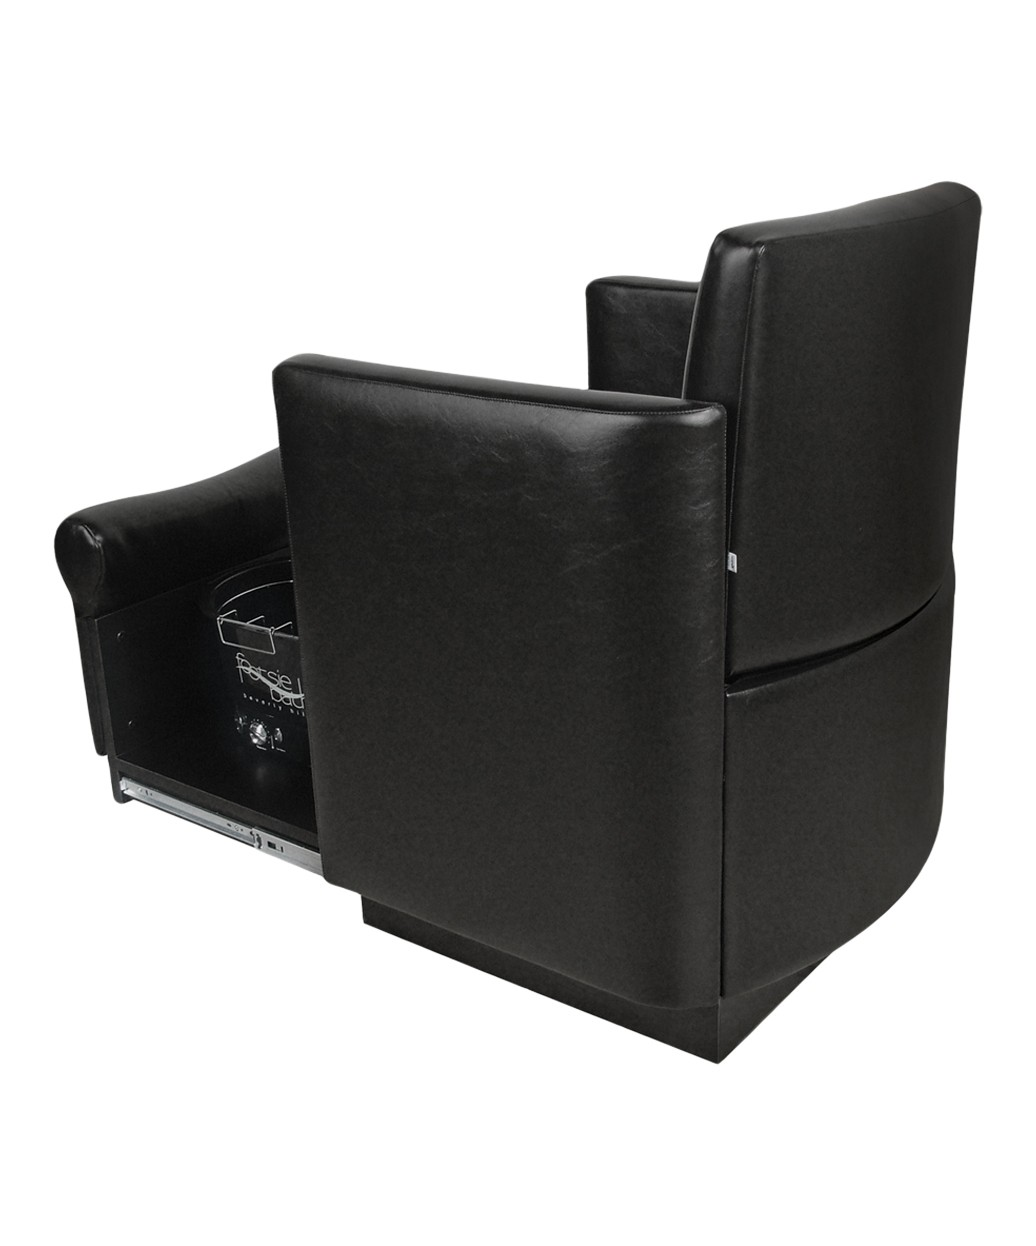 Collins 2550 Cigno Club Pedicure Chair w/ Footsie Bath